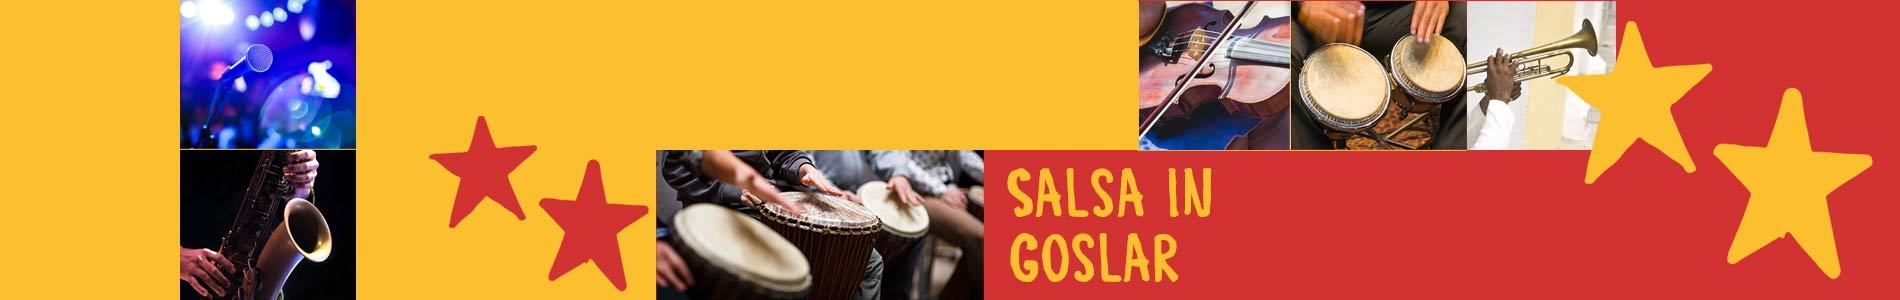 Salsa in Goslar – Salsa lernen und tanzen, Tanzkurse, Partys, Veranstaltungen